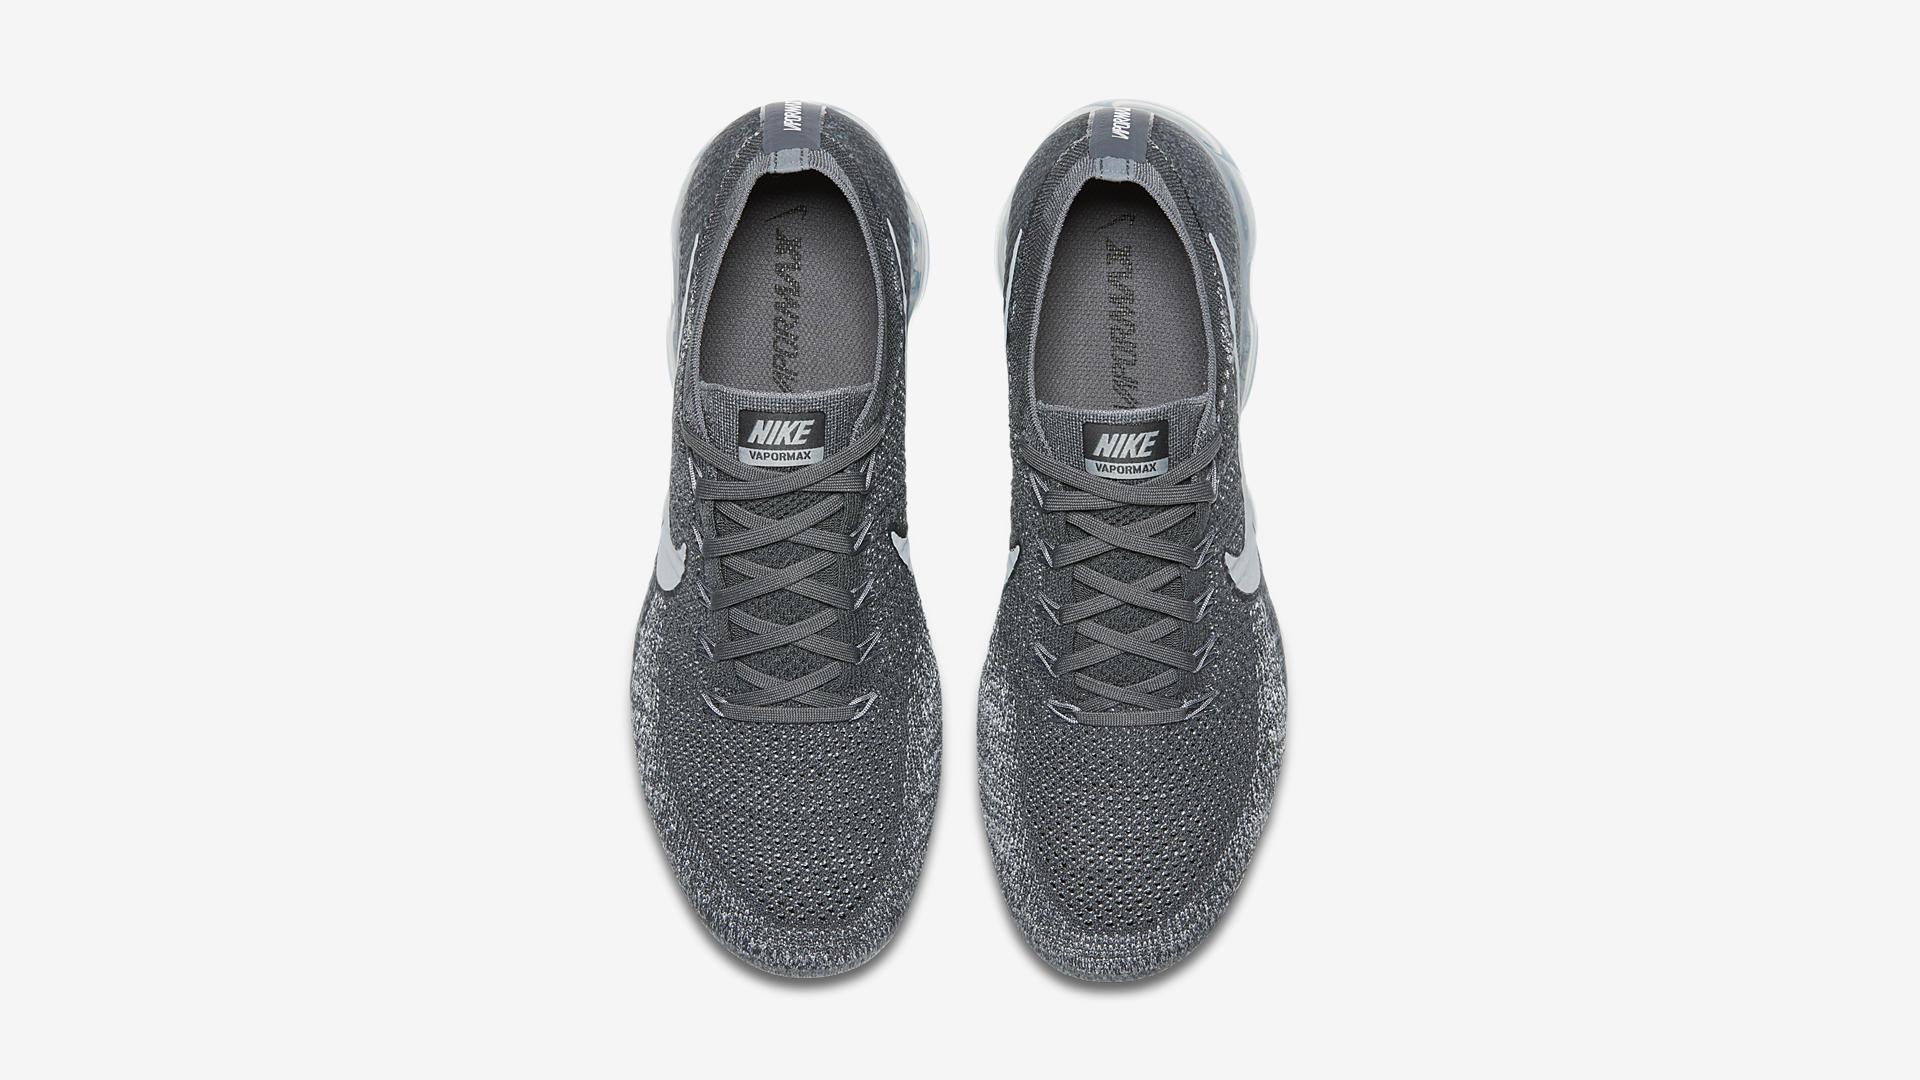 Nike Vapormax Flyknit Asphalt 849558 002 3